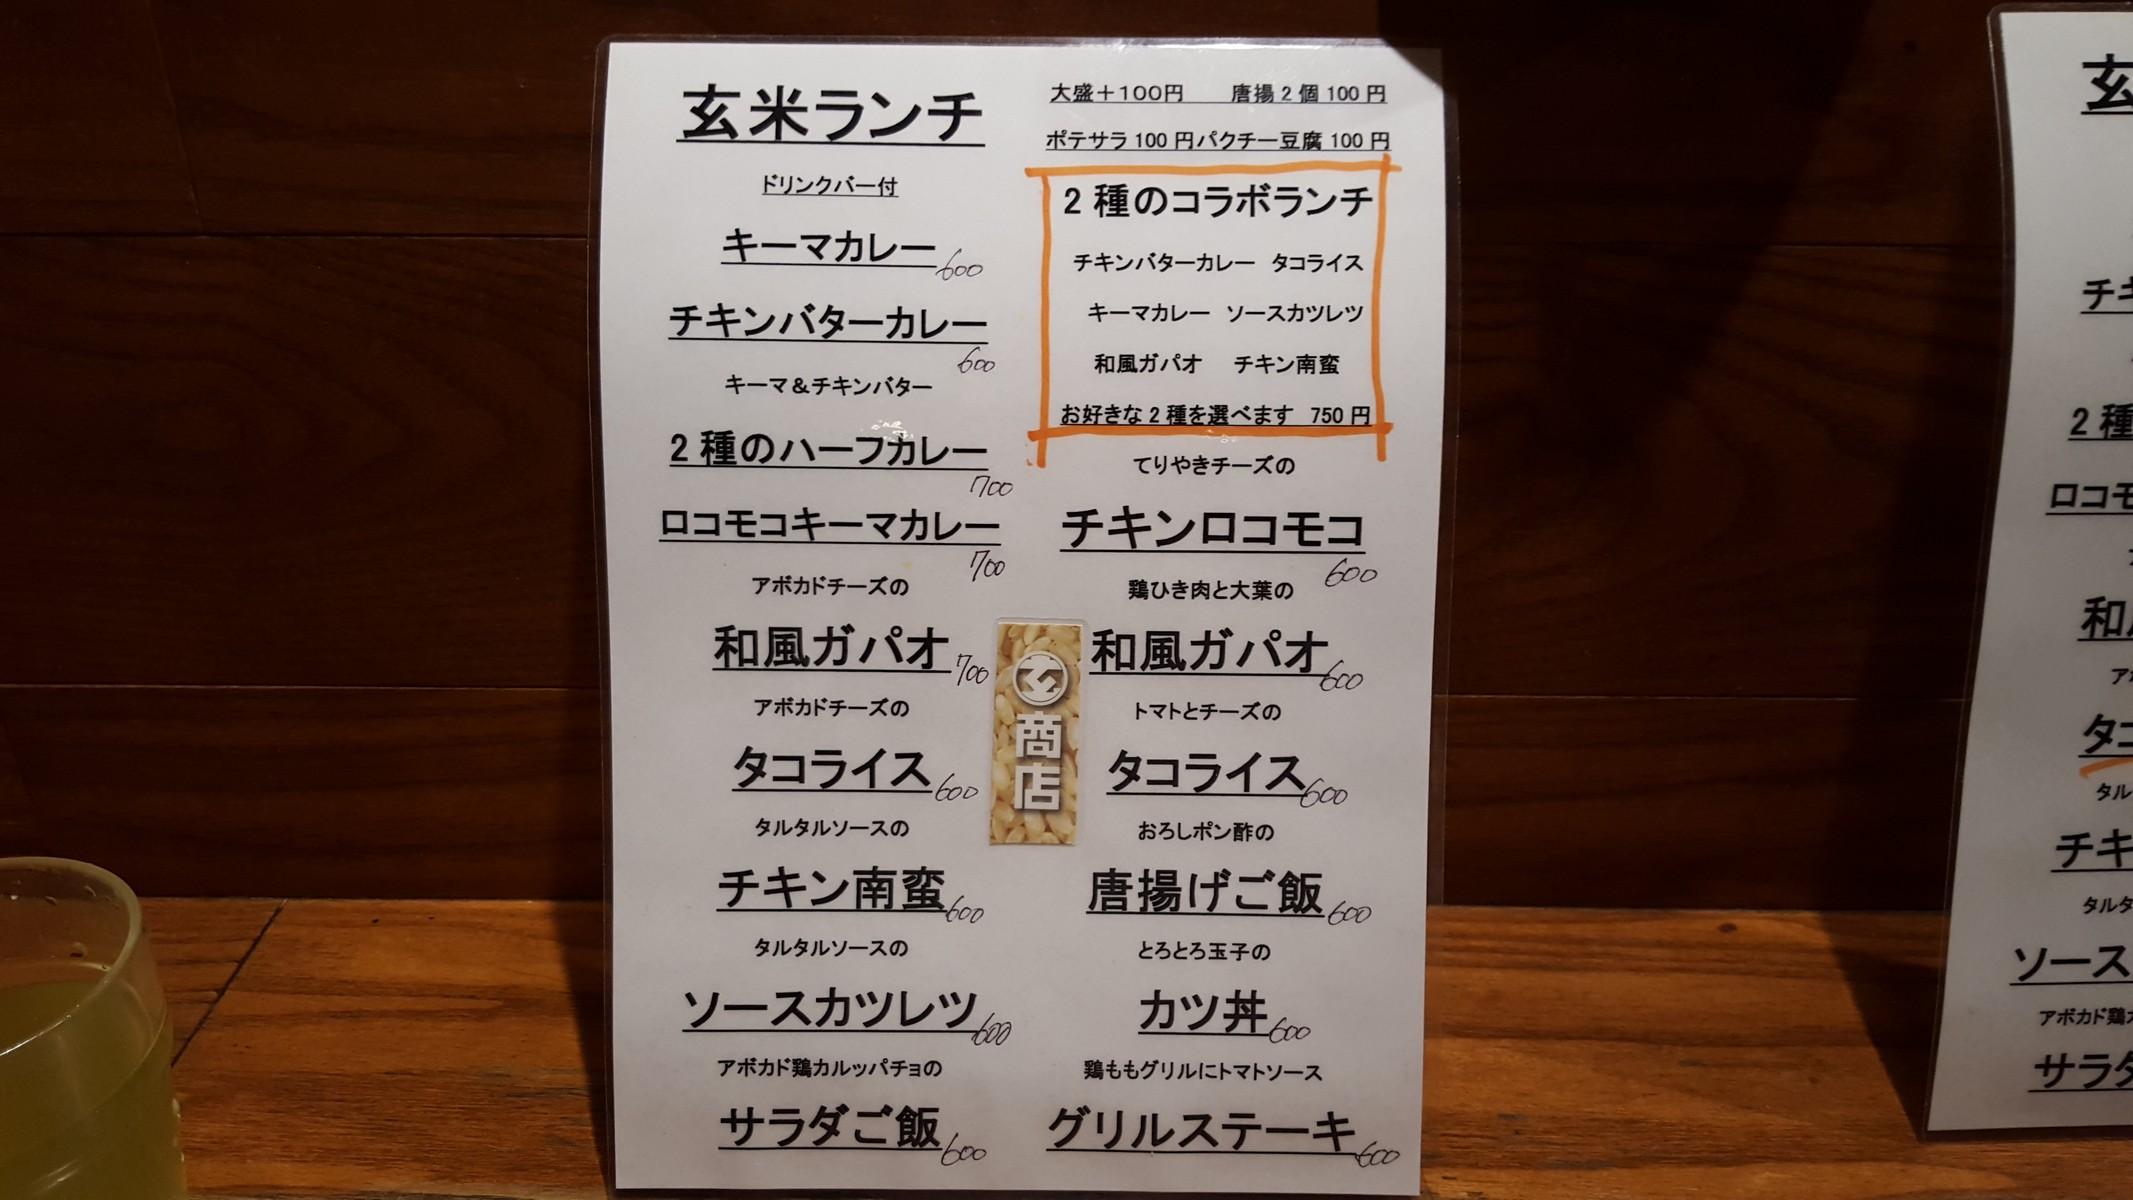 ランチメニュー【マルゲン商店/中目黒】